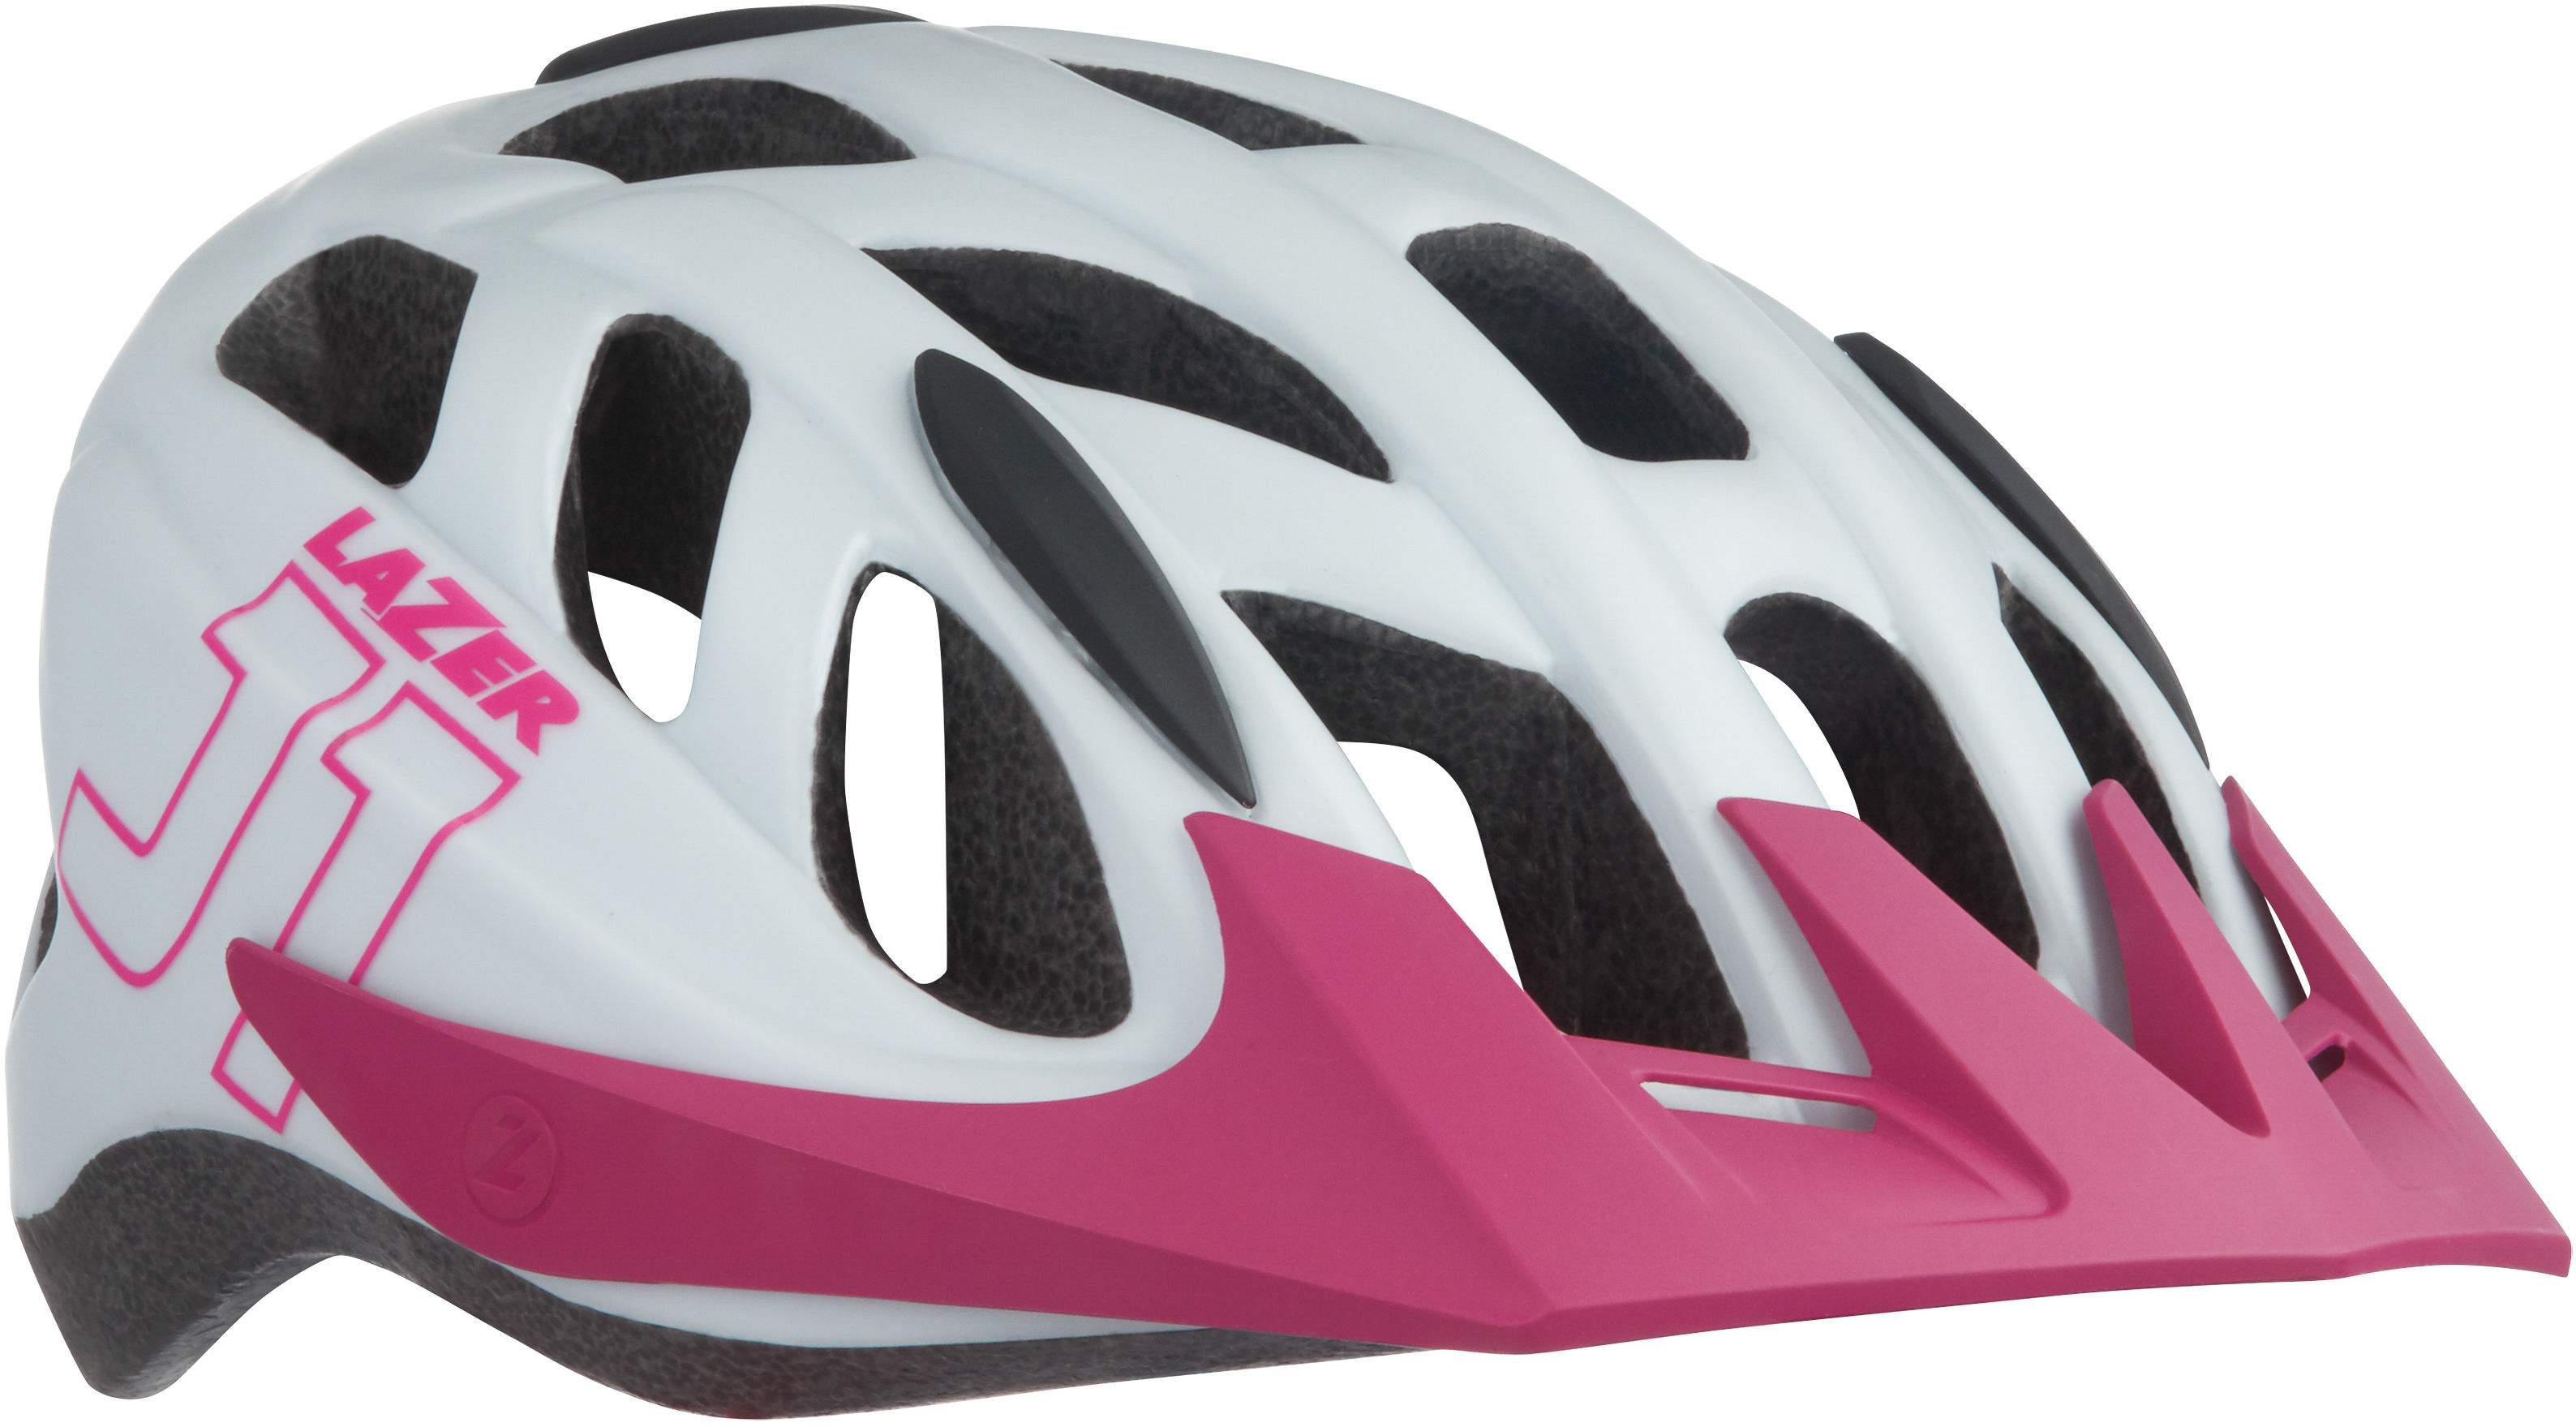 LAZER kask rowerowy dziecięcy/juniorski j1 matte white pink biały-różowy BLC2197885185 Rozmiar: 52-56,lazer-j1-3